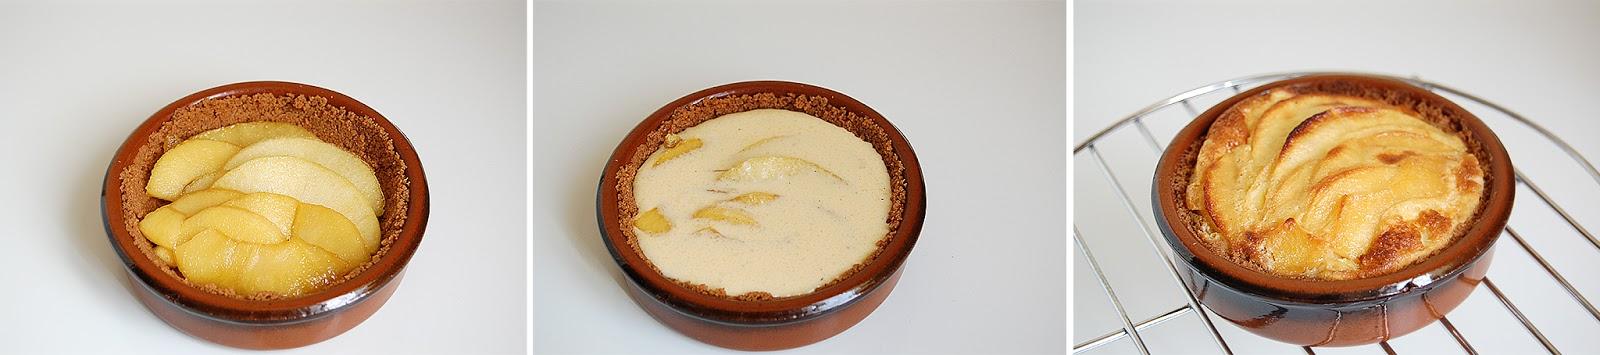 Tarte Clafoutis aux pommes8